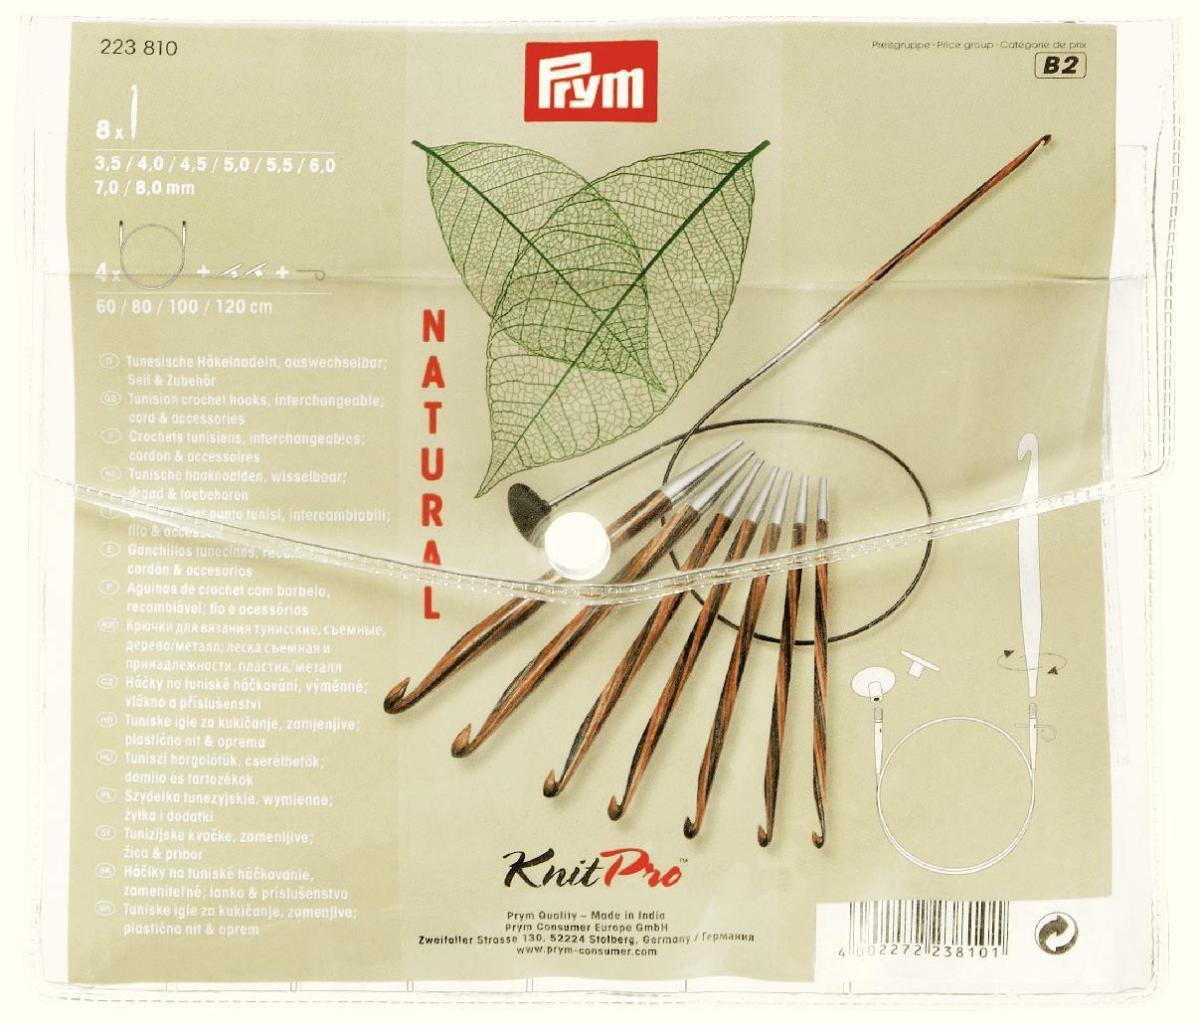 Набор туниских крючков для вязания Prym, 8 шт223810Набор туниских крючков для вязания включает в себя 8 крючков с деревянной ручкой размером от 3,8 до 8 и 4 лески длиной 60 см, 80 см, 100 см, 120 см. Очень удобно покупать набор крючков - у вас всегда под руками крючки различных размеров и Вы справитесь с любой схемой для вязания.